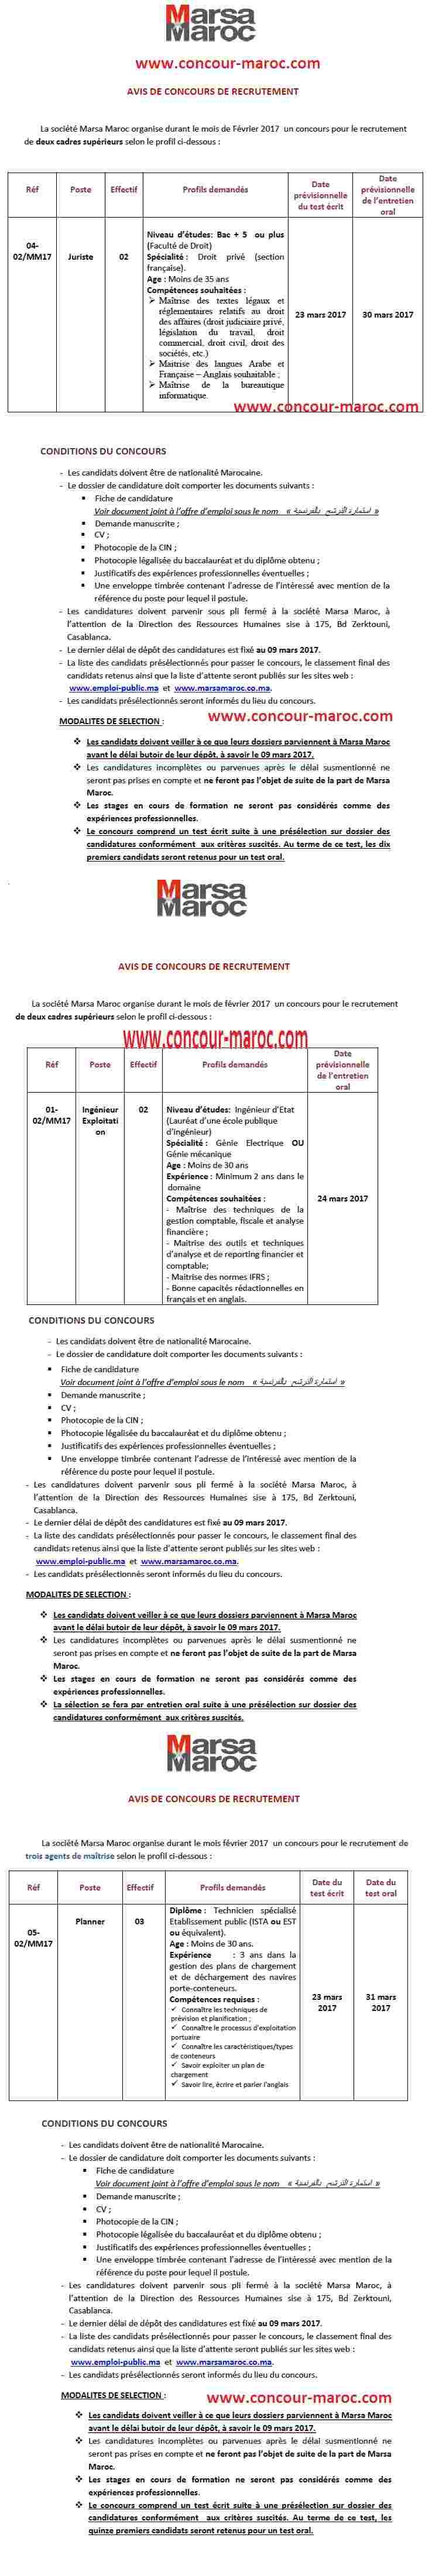 شركة استغلال الموانئ (مرسى ماروك) : مباراة توظيف 17 منصب في عدة تخصصات آخر أجل لإيداع الترشيحات 09 مارس 2017 Concou17